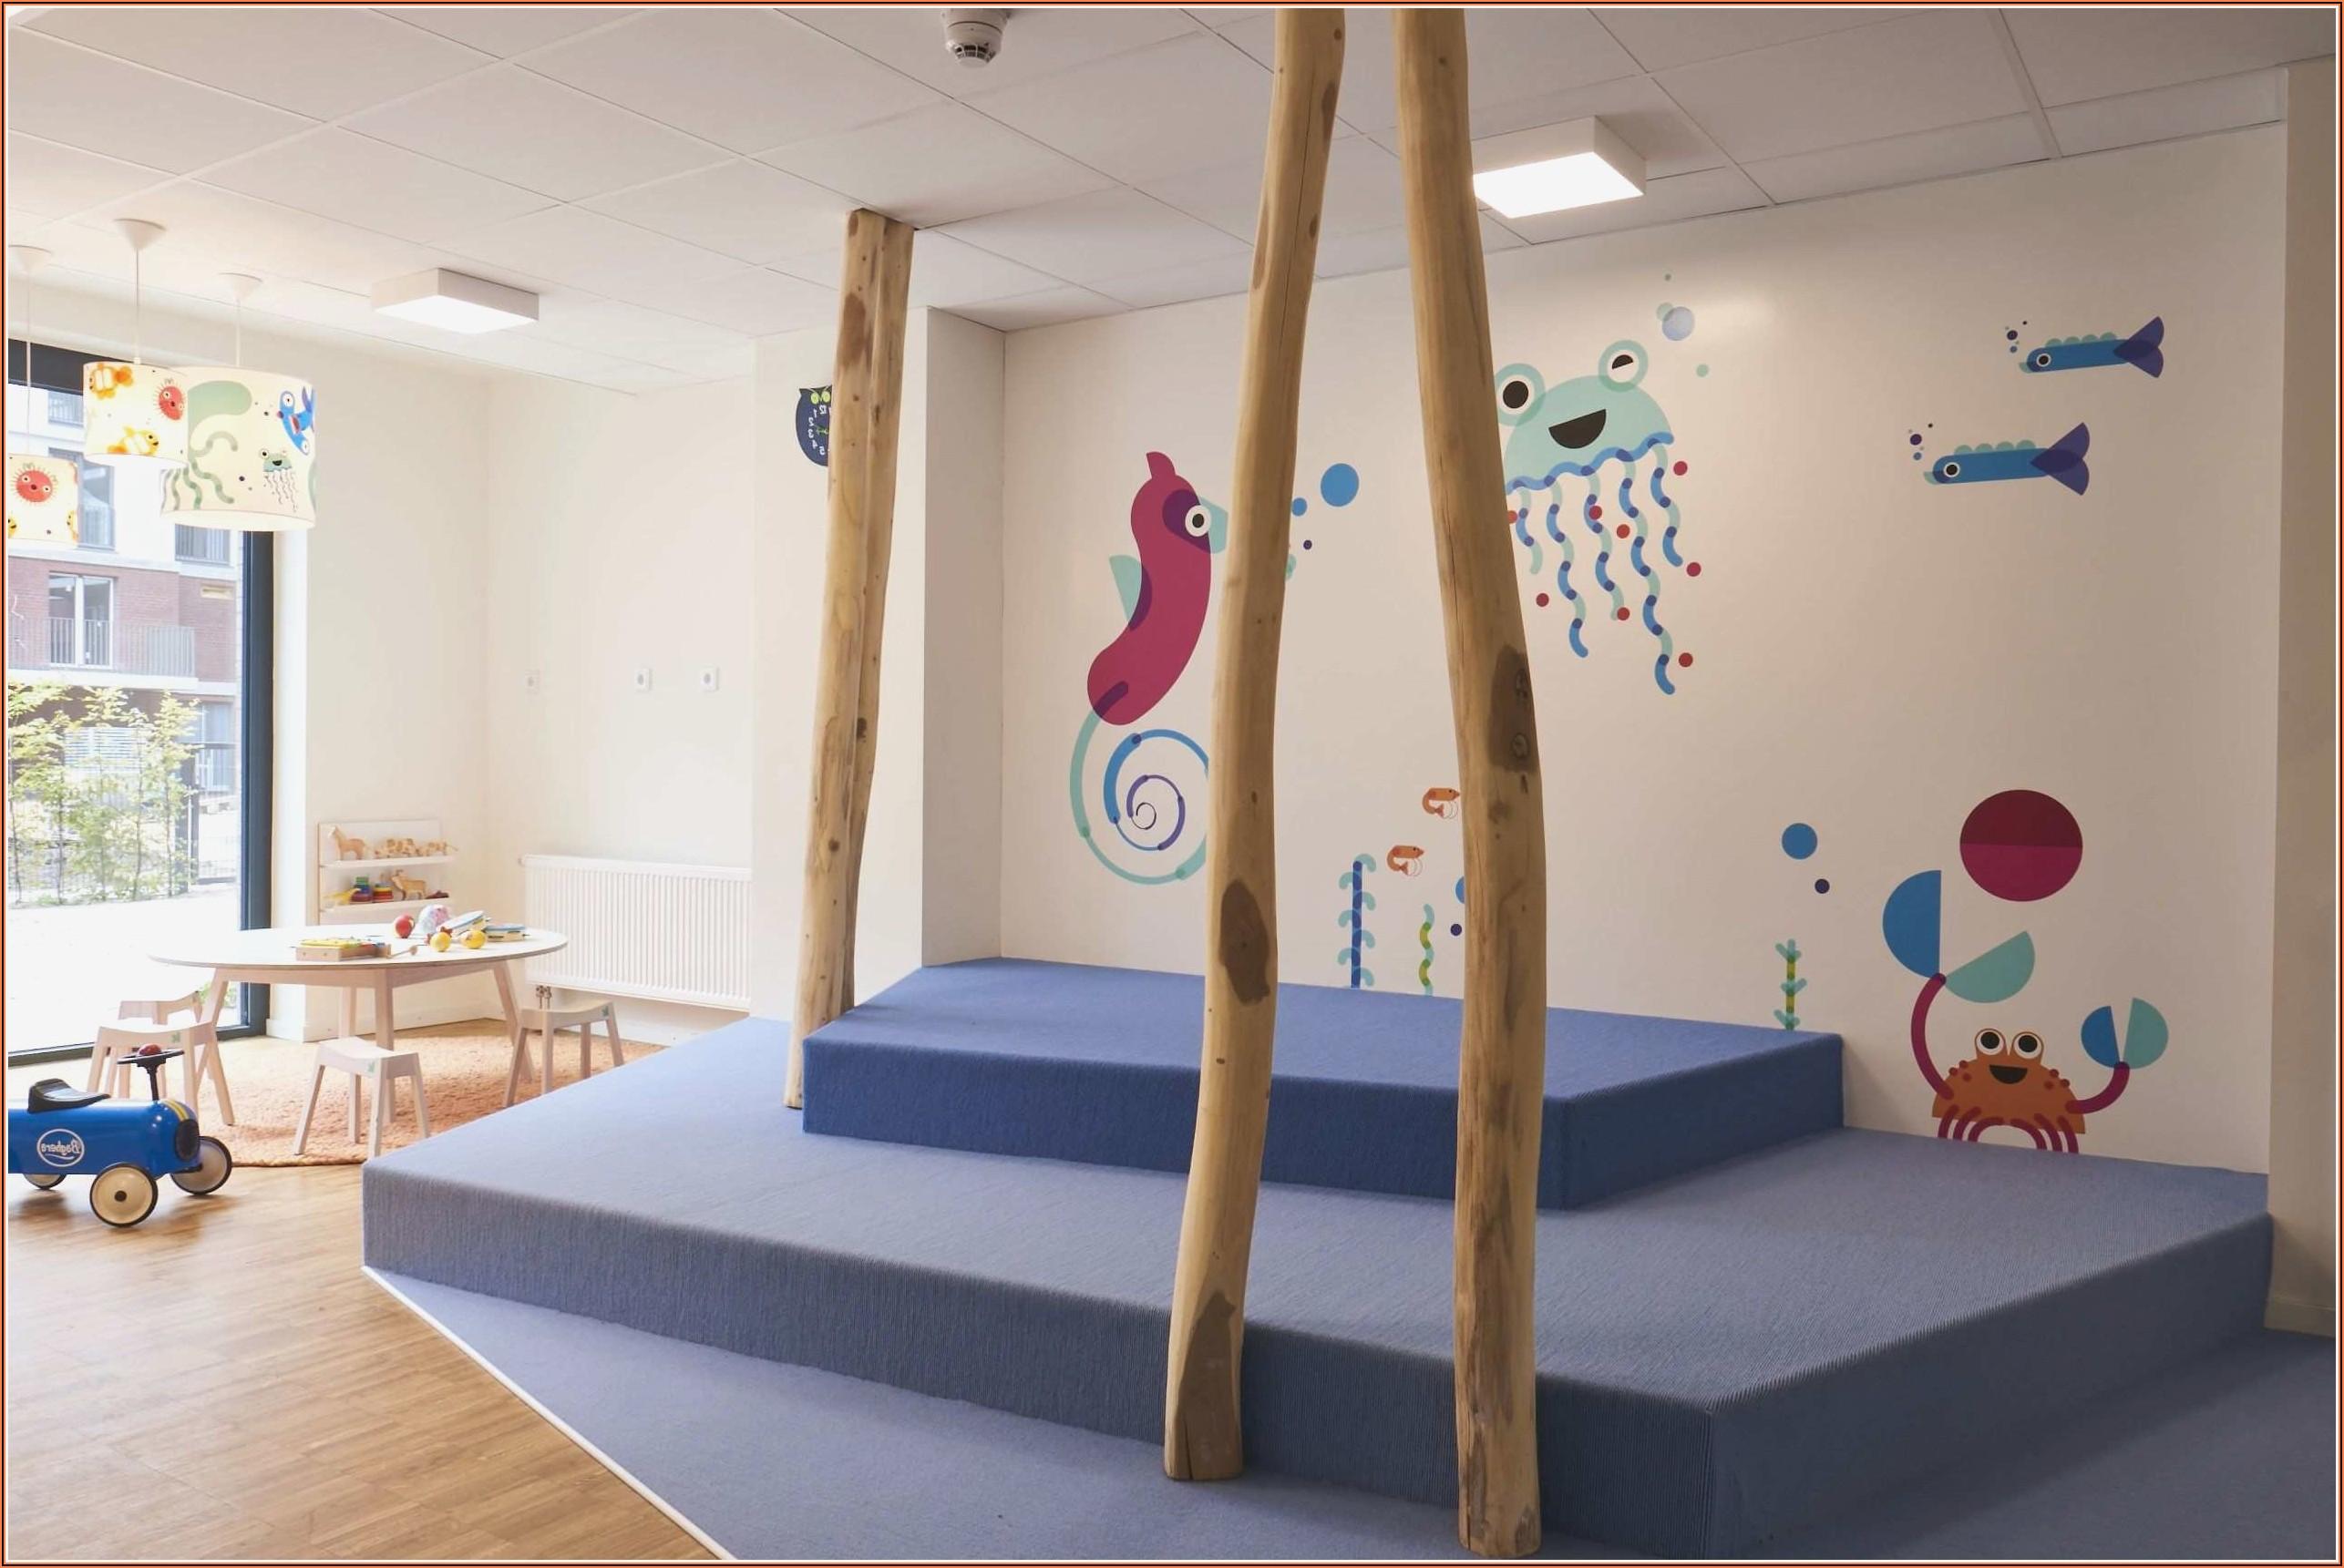 Kita Kinderzimmer Lohsepark Hafencity Hamburg